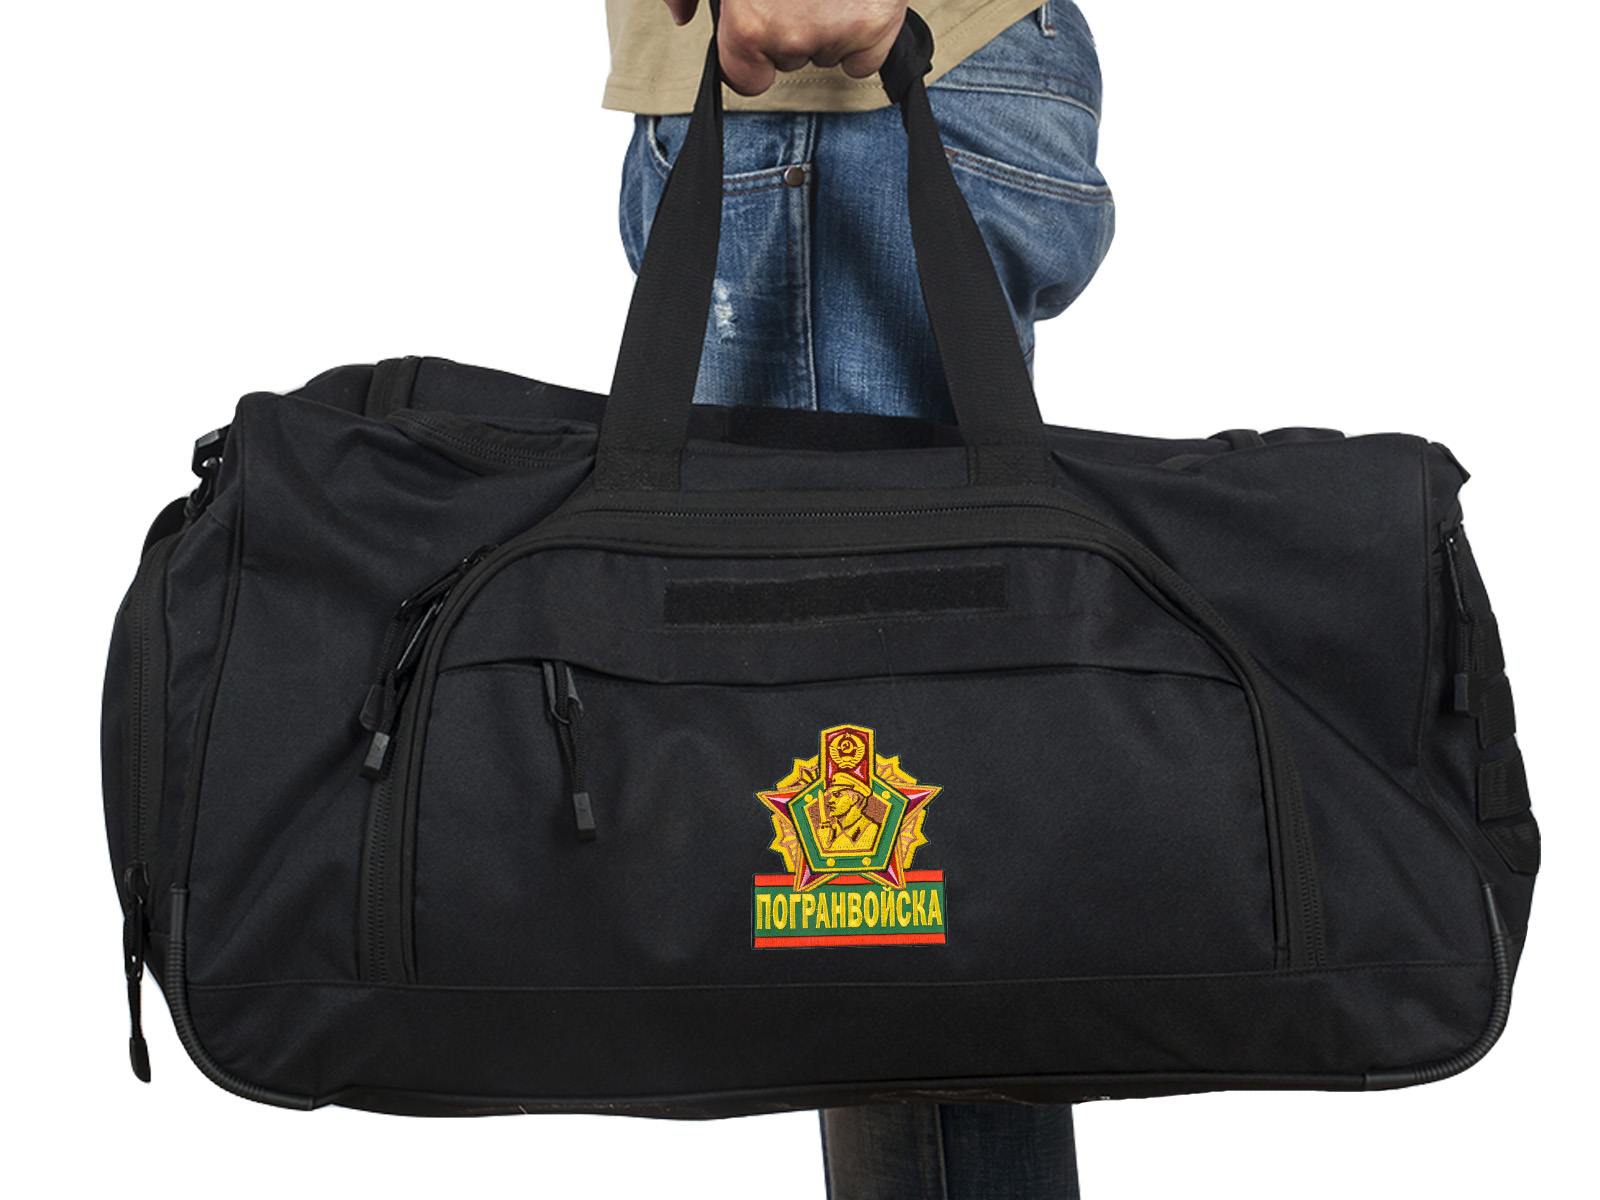 Купить военную дорожную сумку 08032B Black Погранвойск по специальной цене